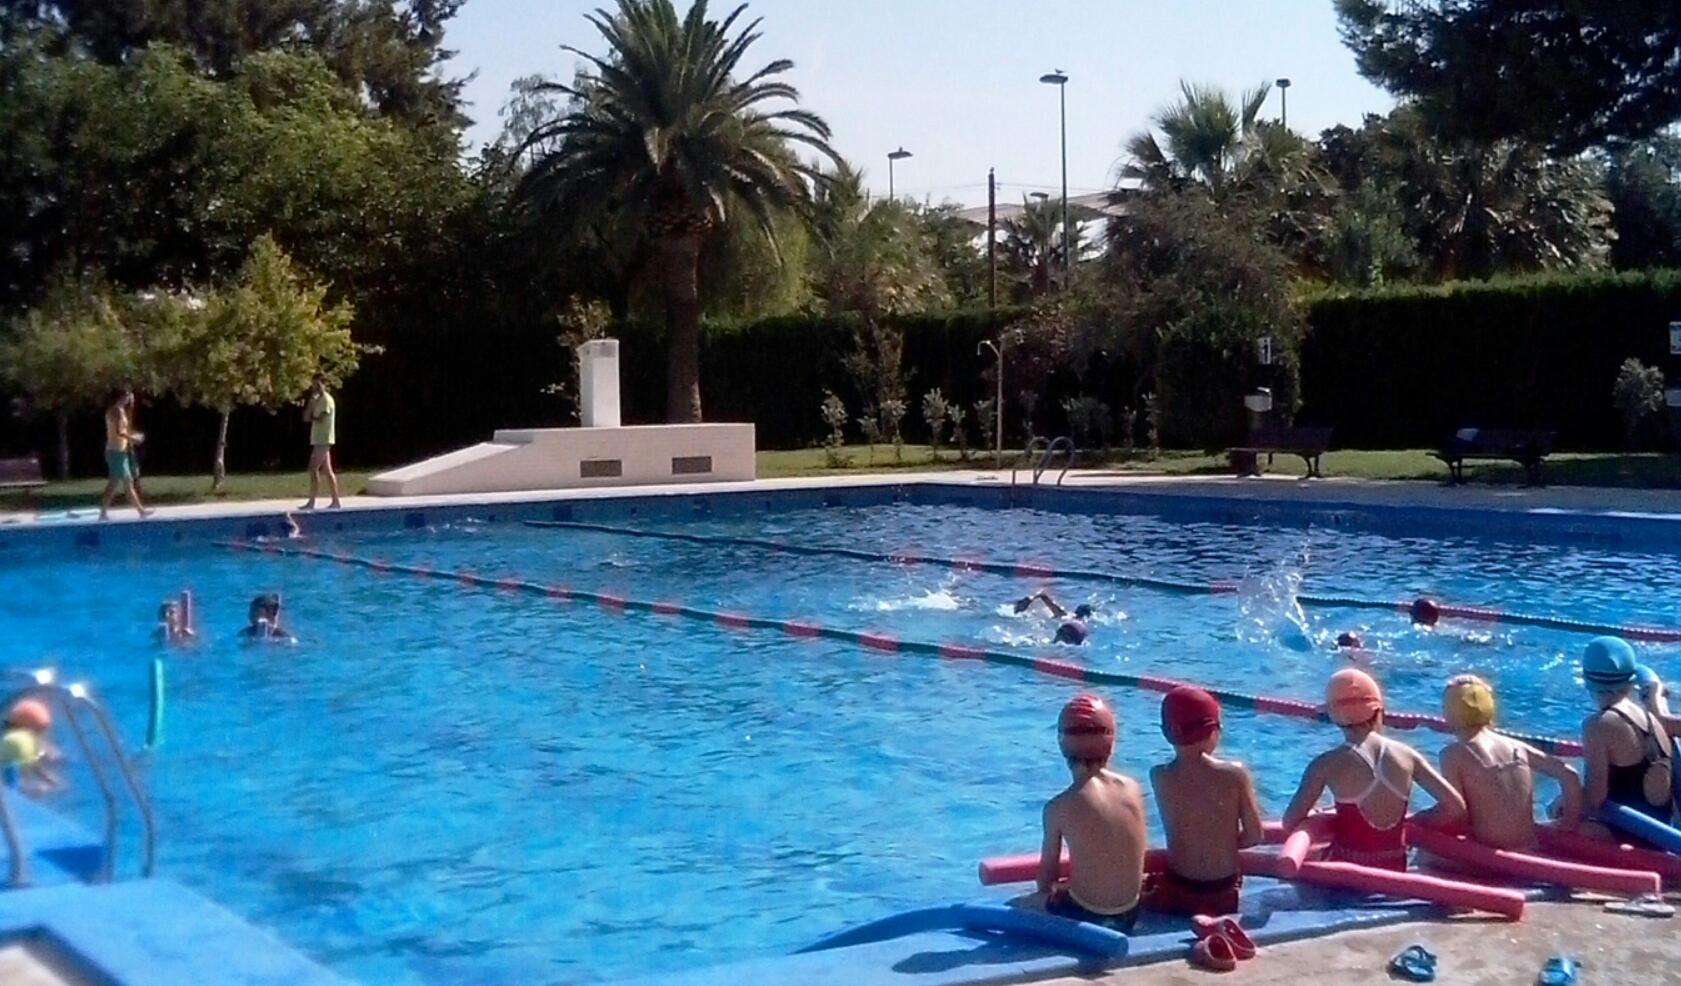 La piscina de verano de xirivella recibe m s de for Piscina quart de poblet cubierta